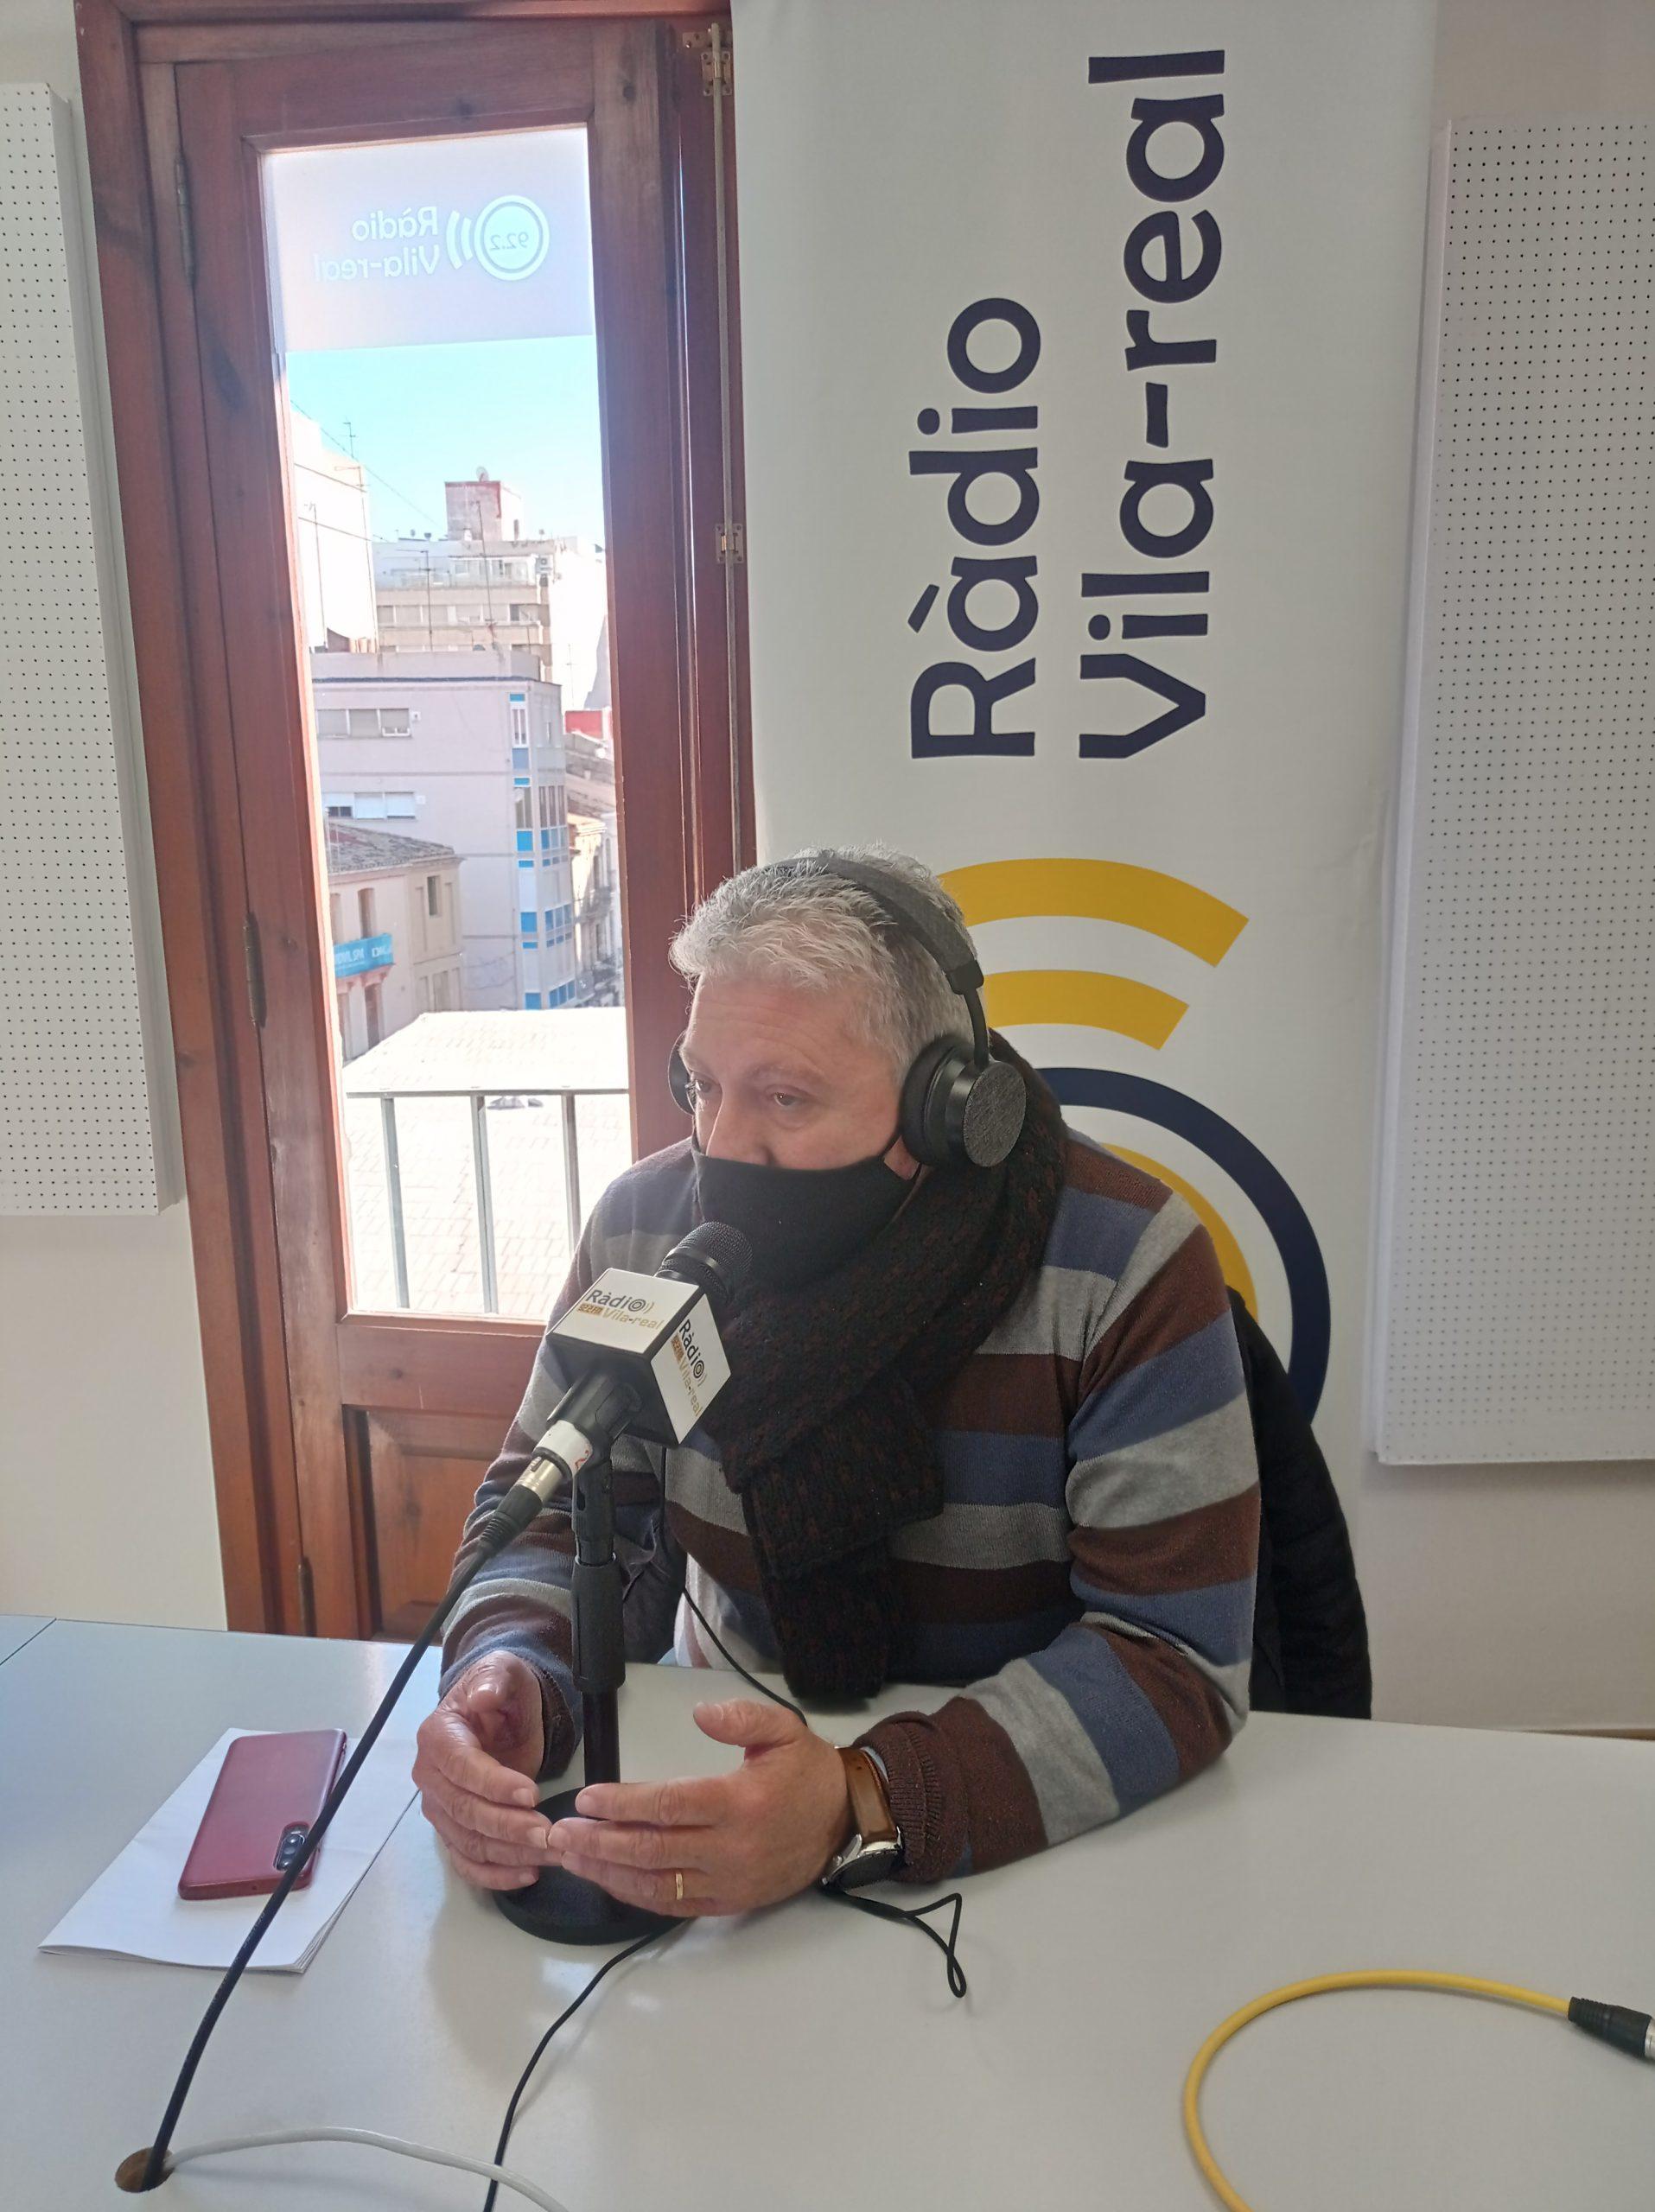 Entrevista al portavoz del gobierno del ayuntamiento de Vila-real, Javier Serralvo